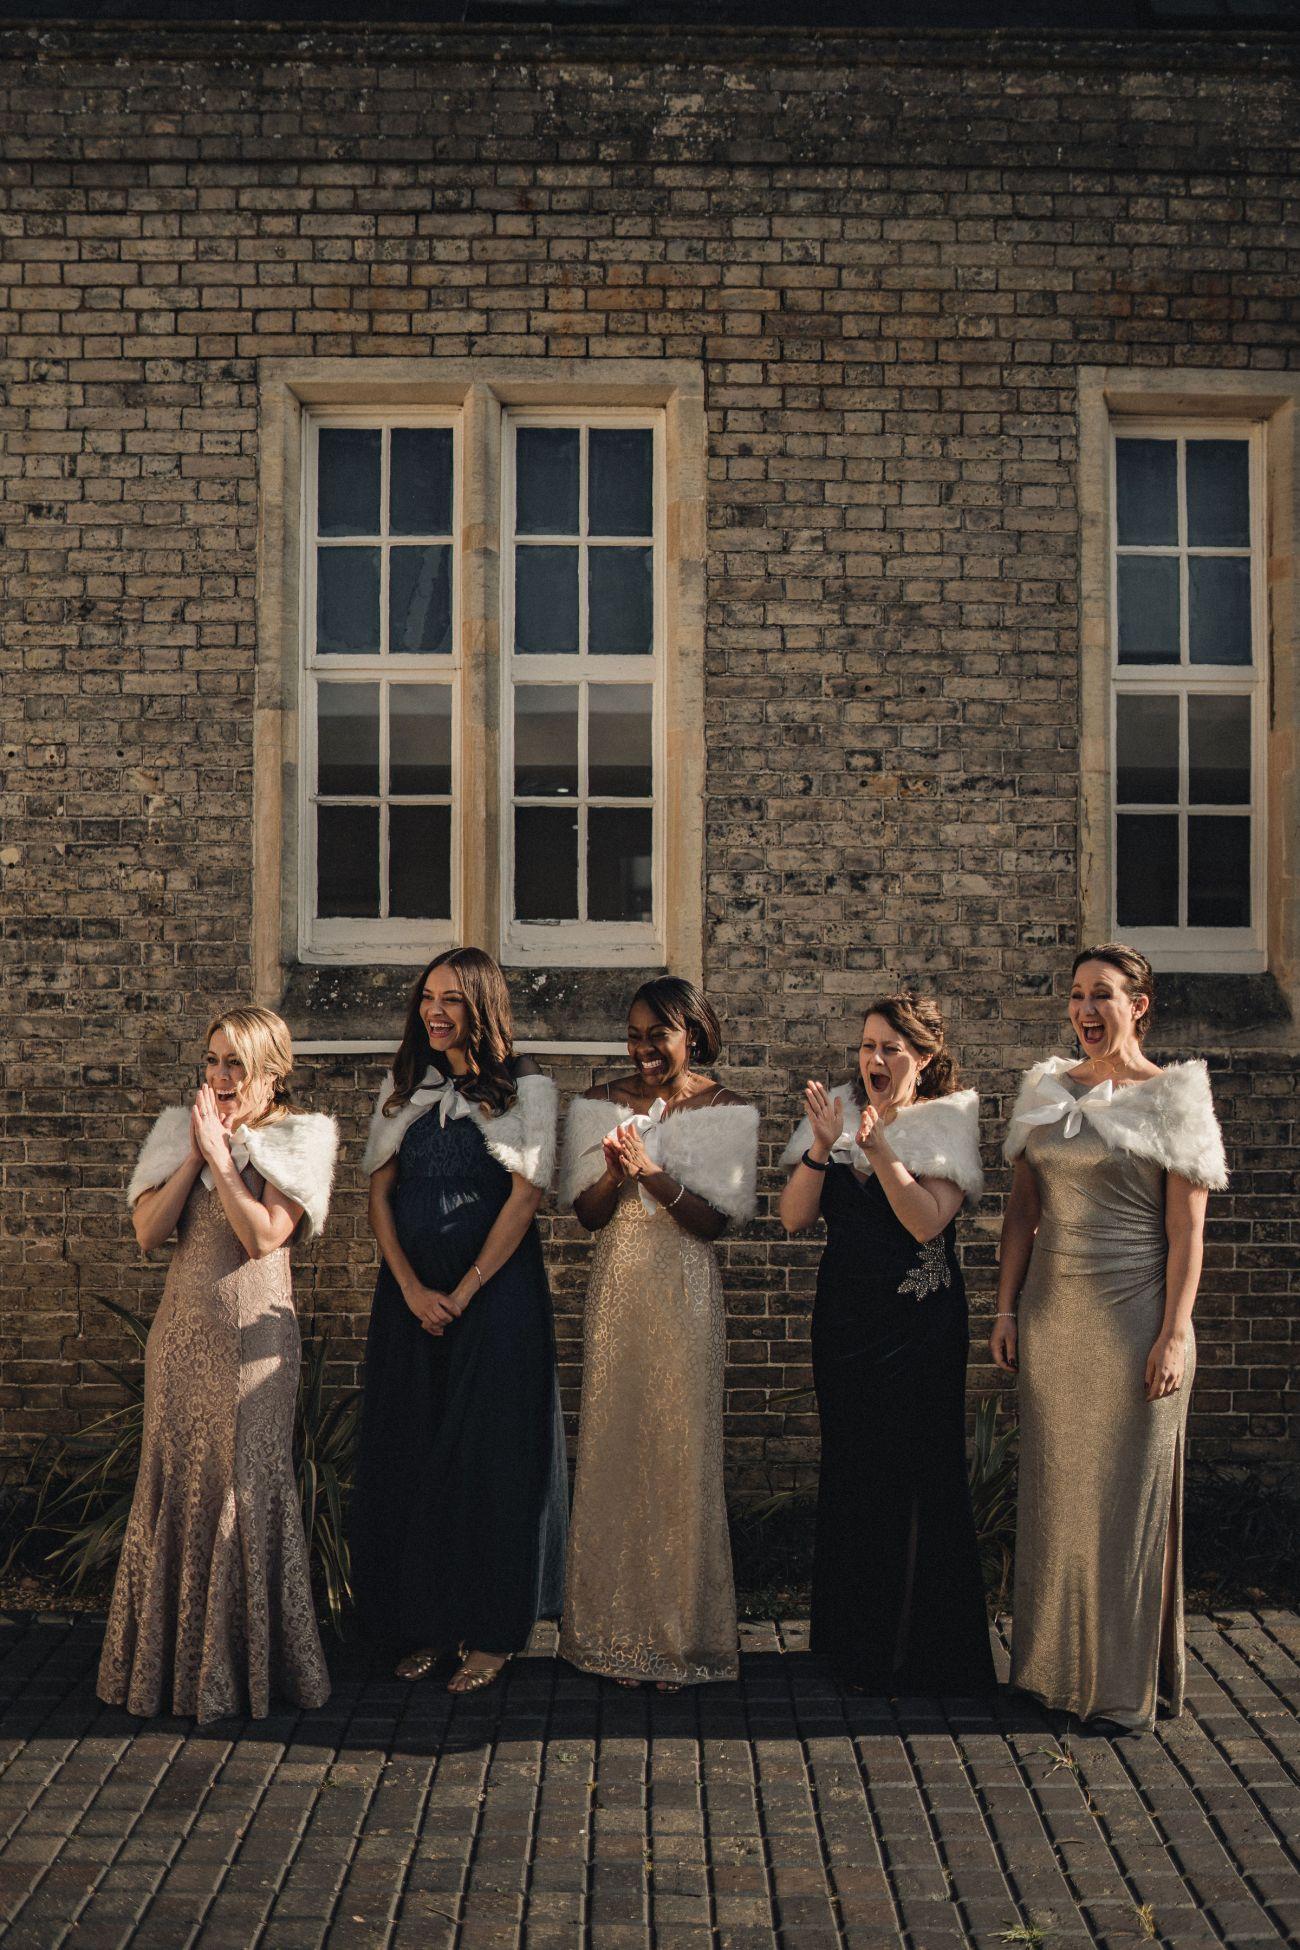 Hertfordshire Wedding Photography at Shendish Manor, UK - Interracial Wedding,.